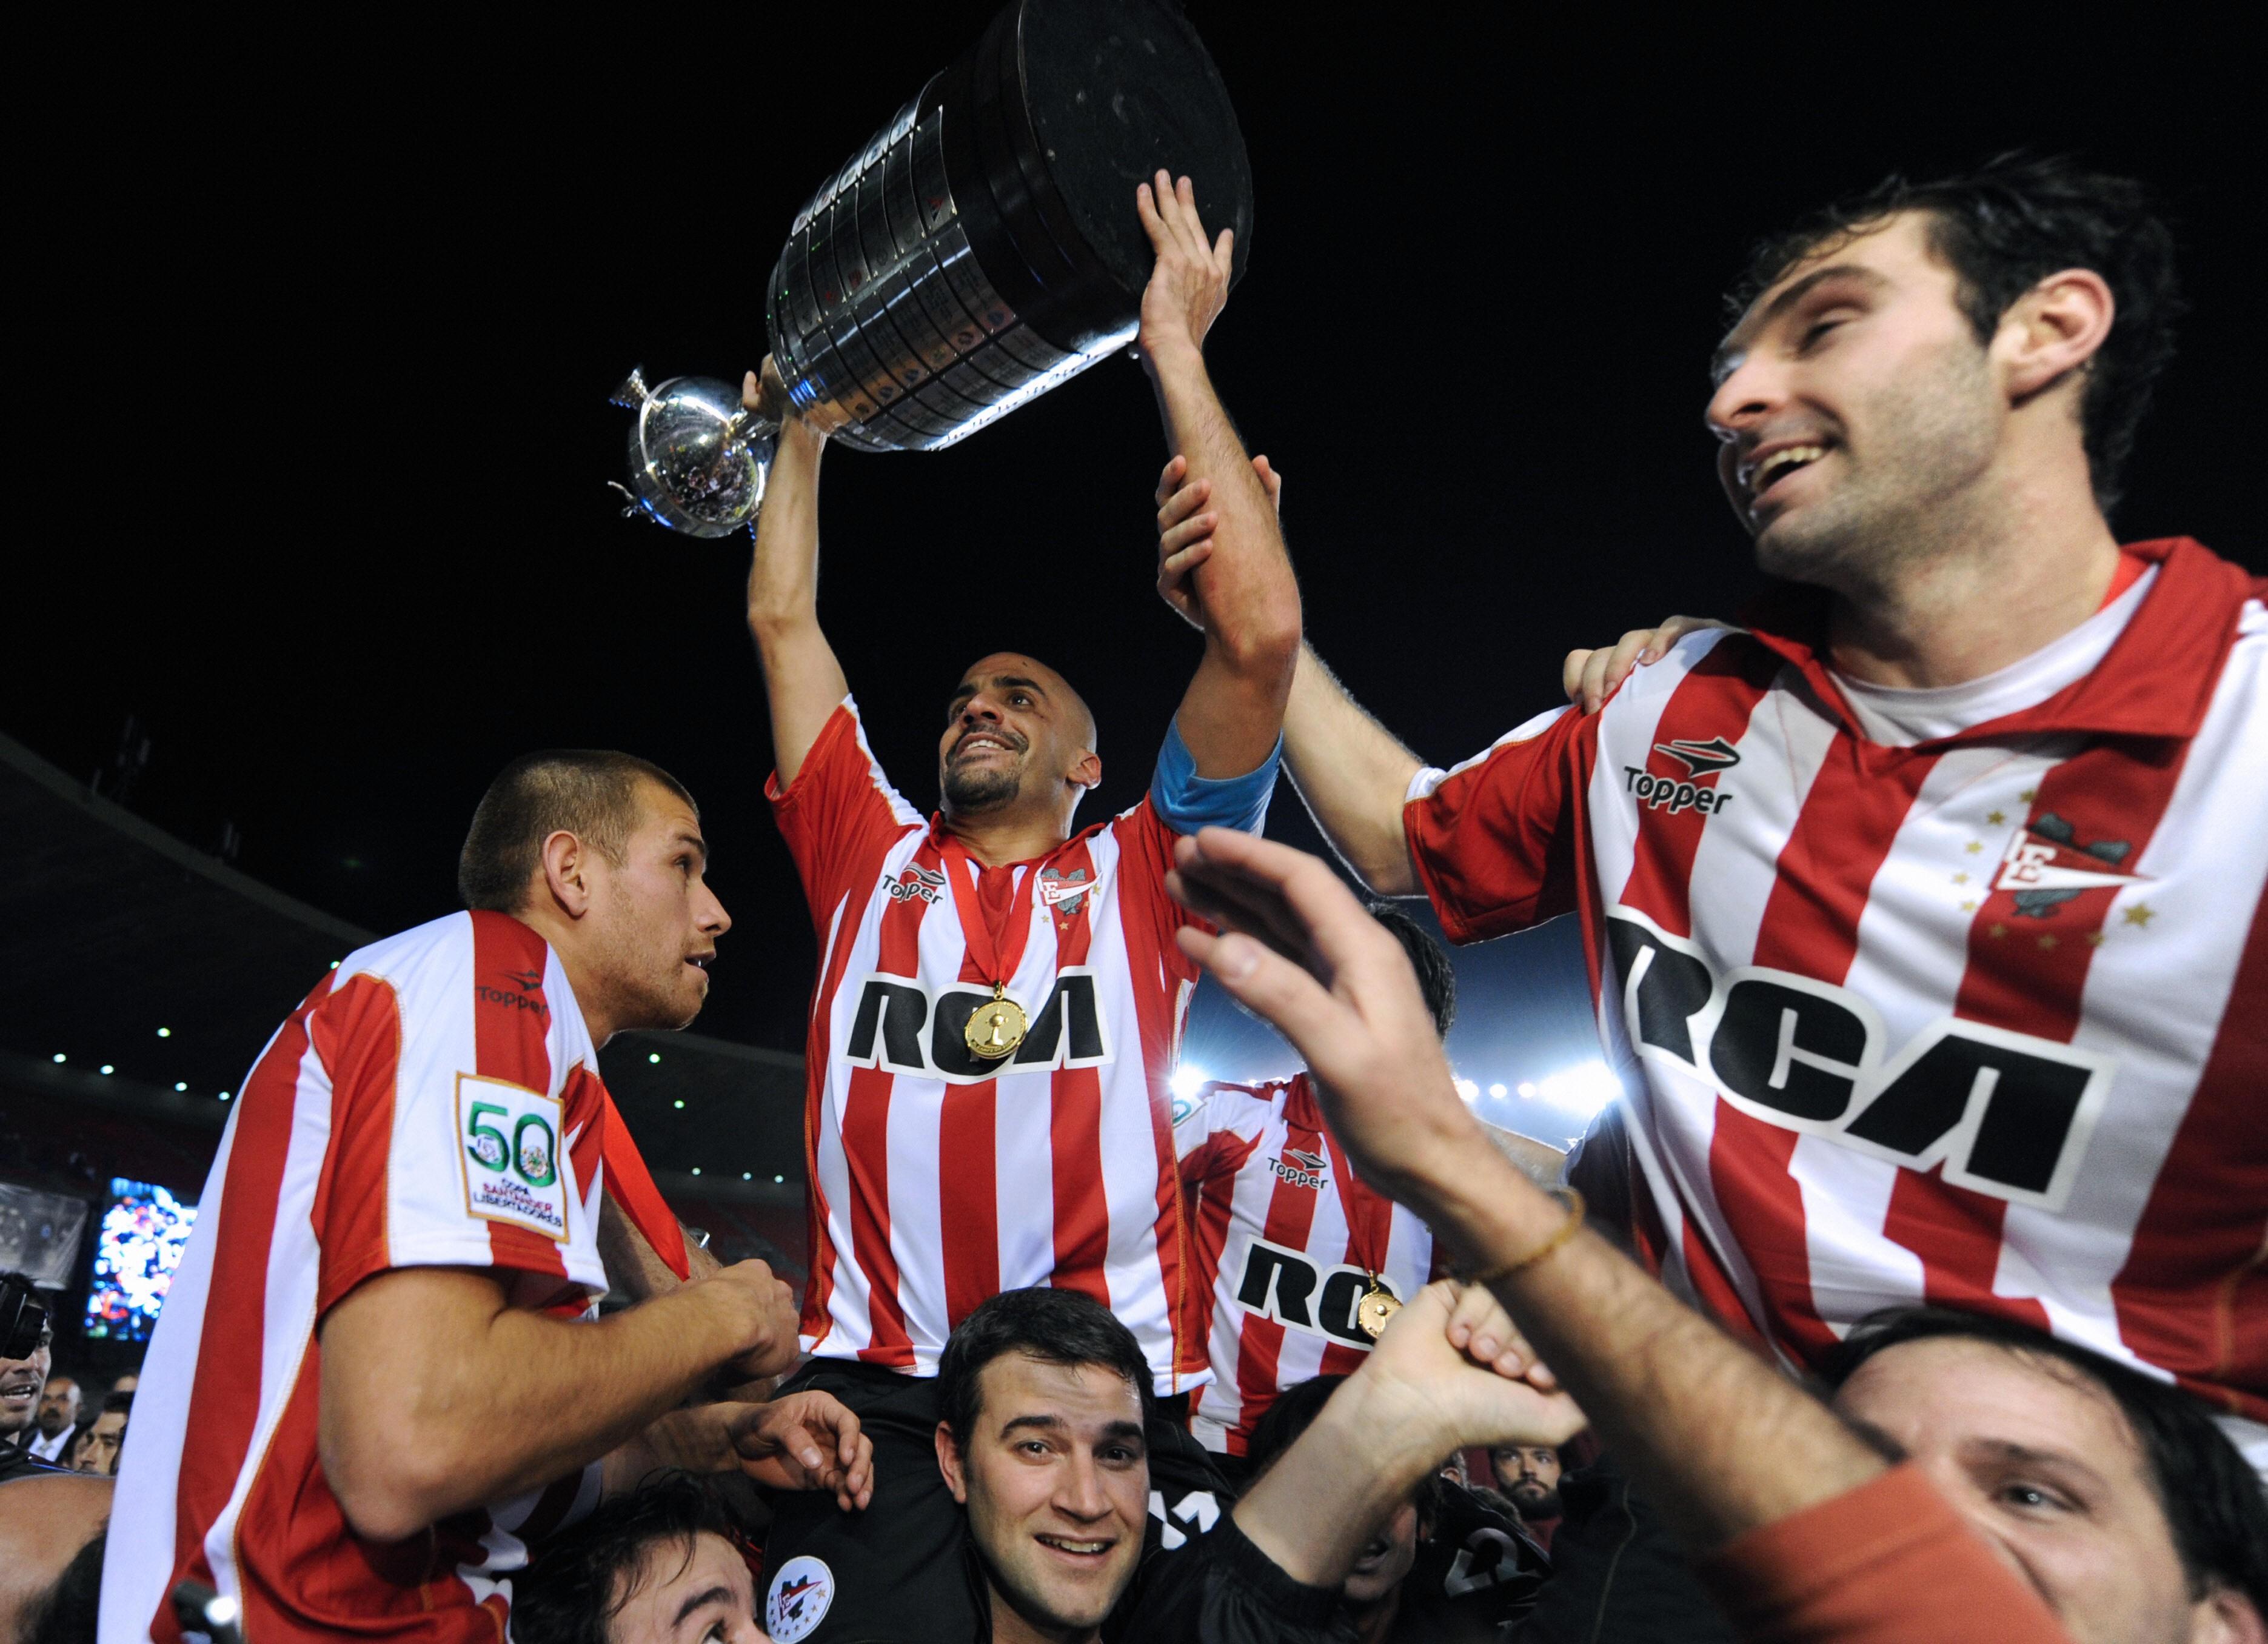 Argentinian-Estudiantes-de-La-Platas-te-1574553486.jpg